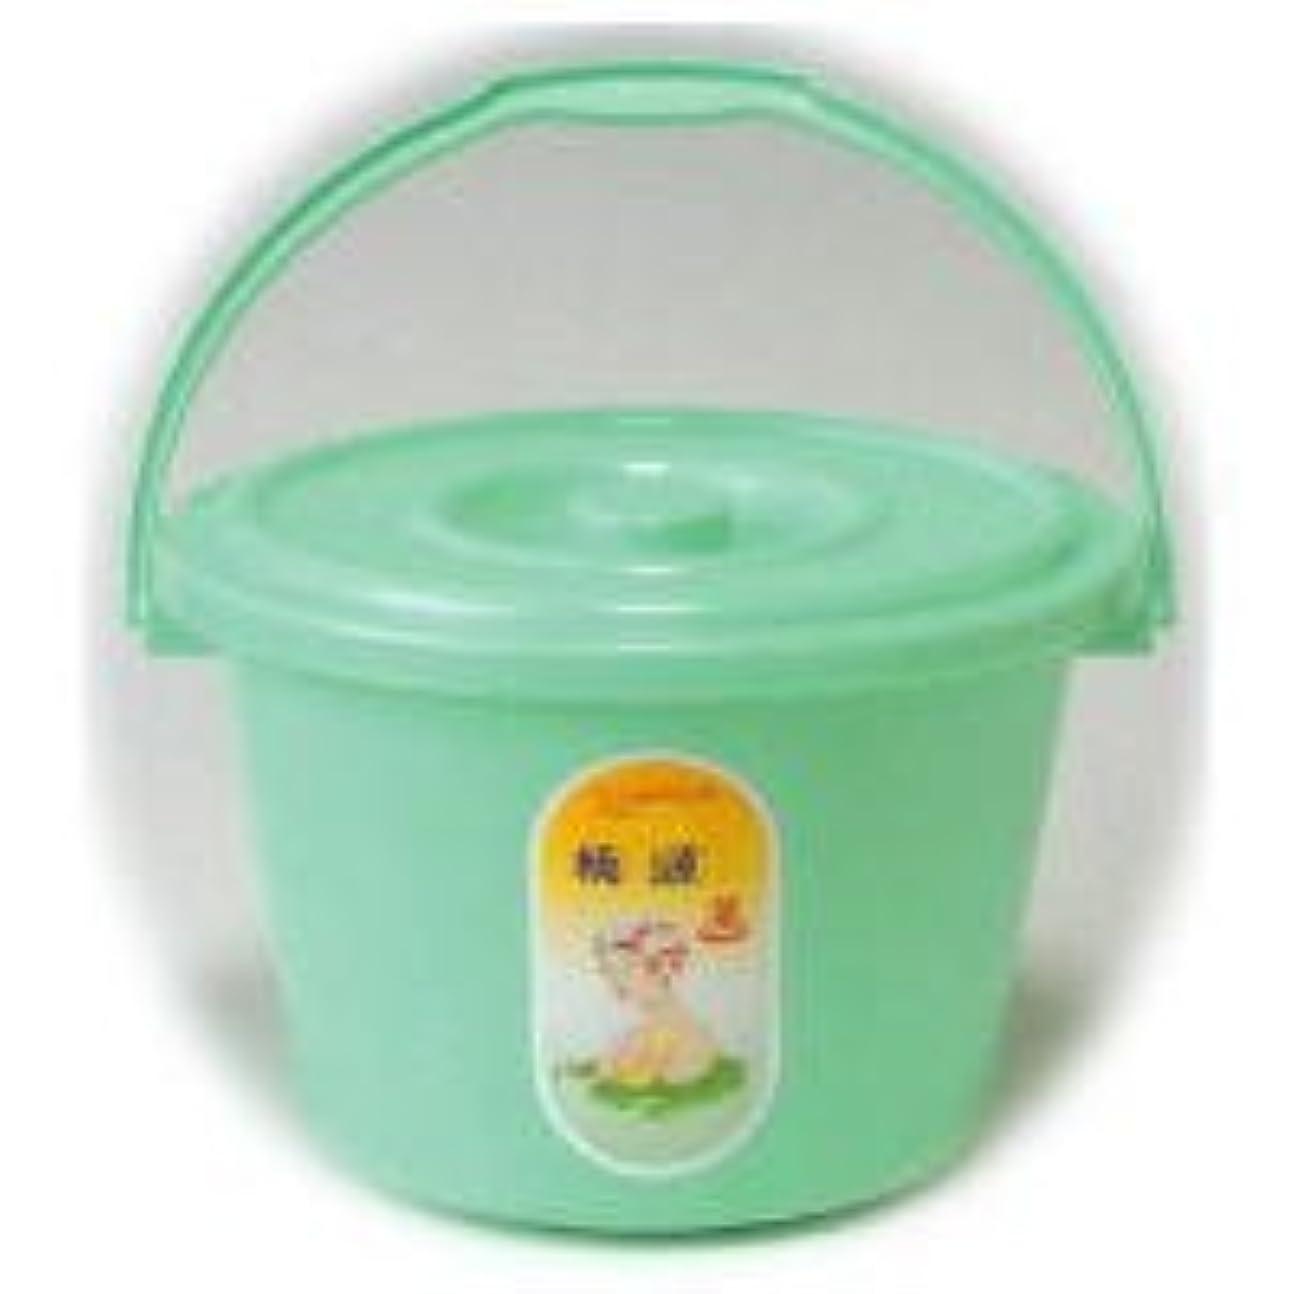 編集者ベンチオペラ桃源(とうげん) 桃の葉の精 4kg バケツ入り